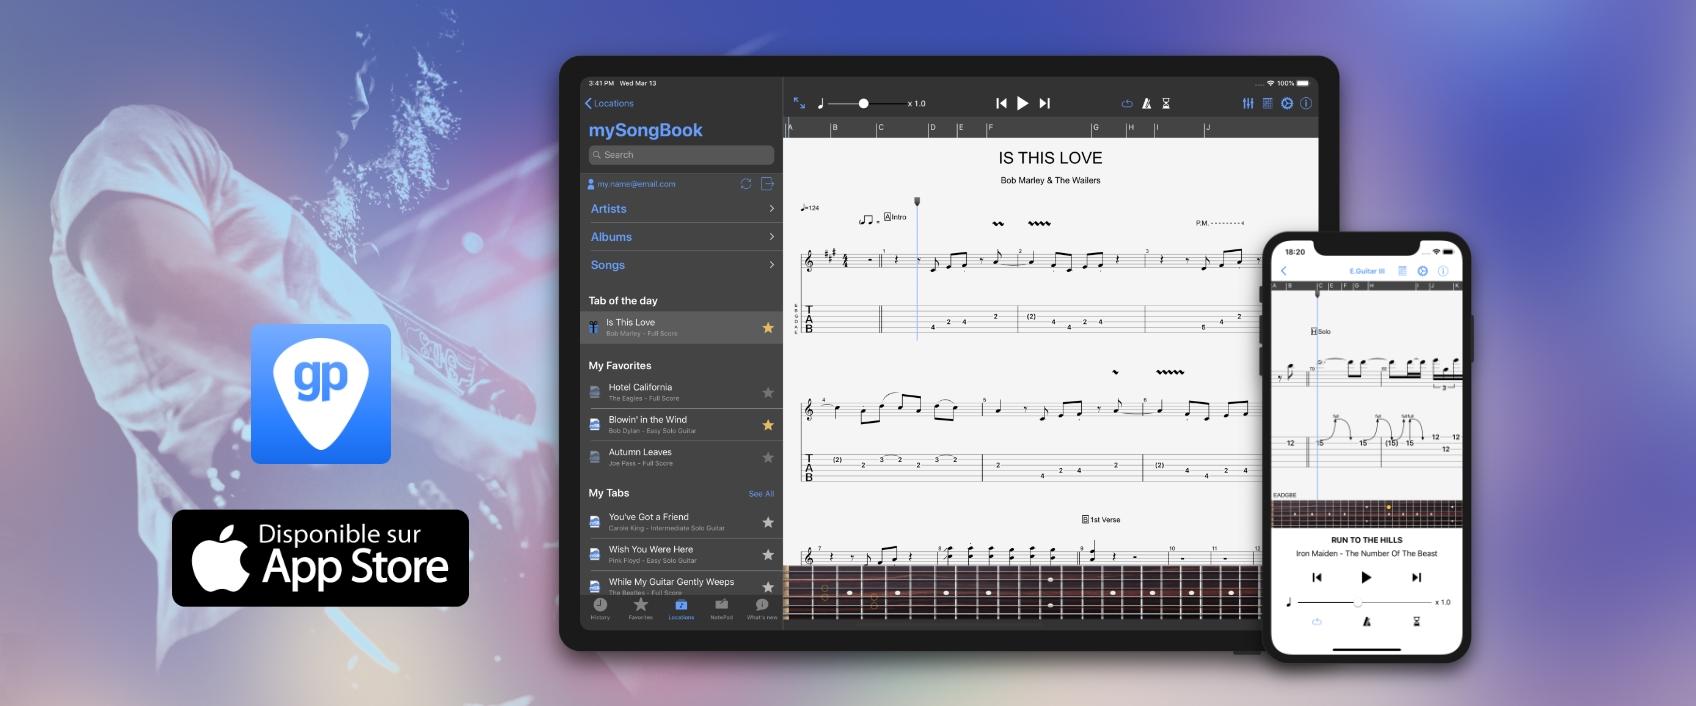 Guitar Pro pour iOS : nouvelle mise à jour 1.9.0